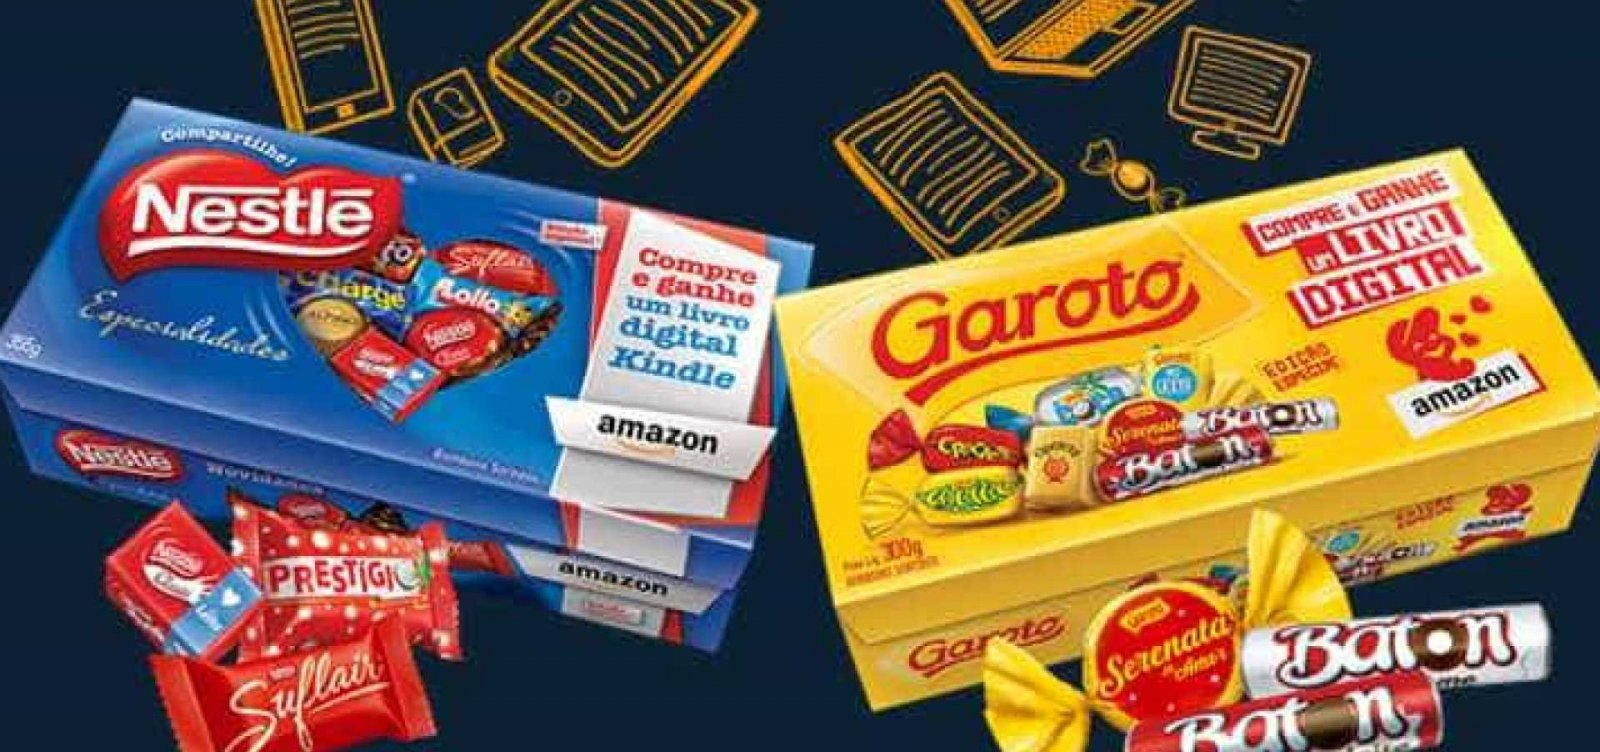 8299e9773 Nestlé pode ser obrigada a leiloar marcas da Garoto após 16 anos ...